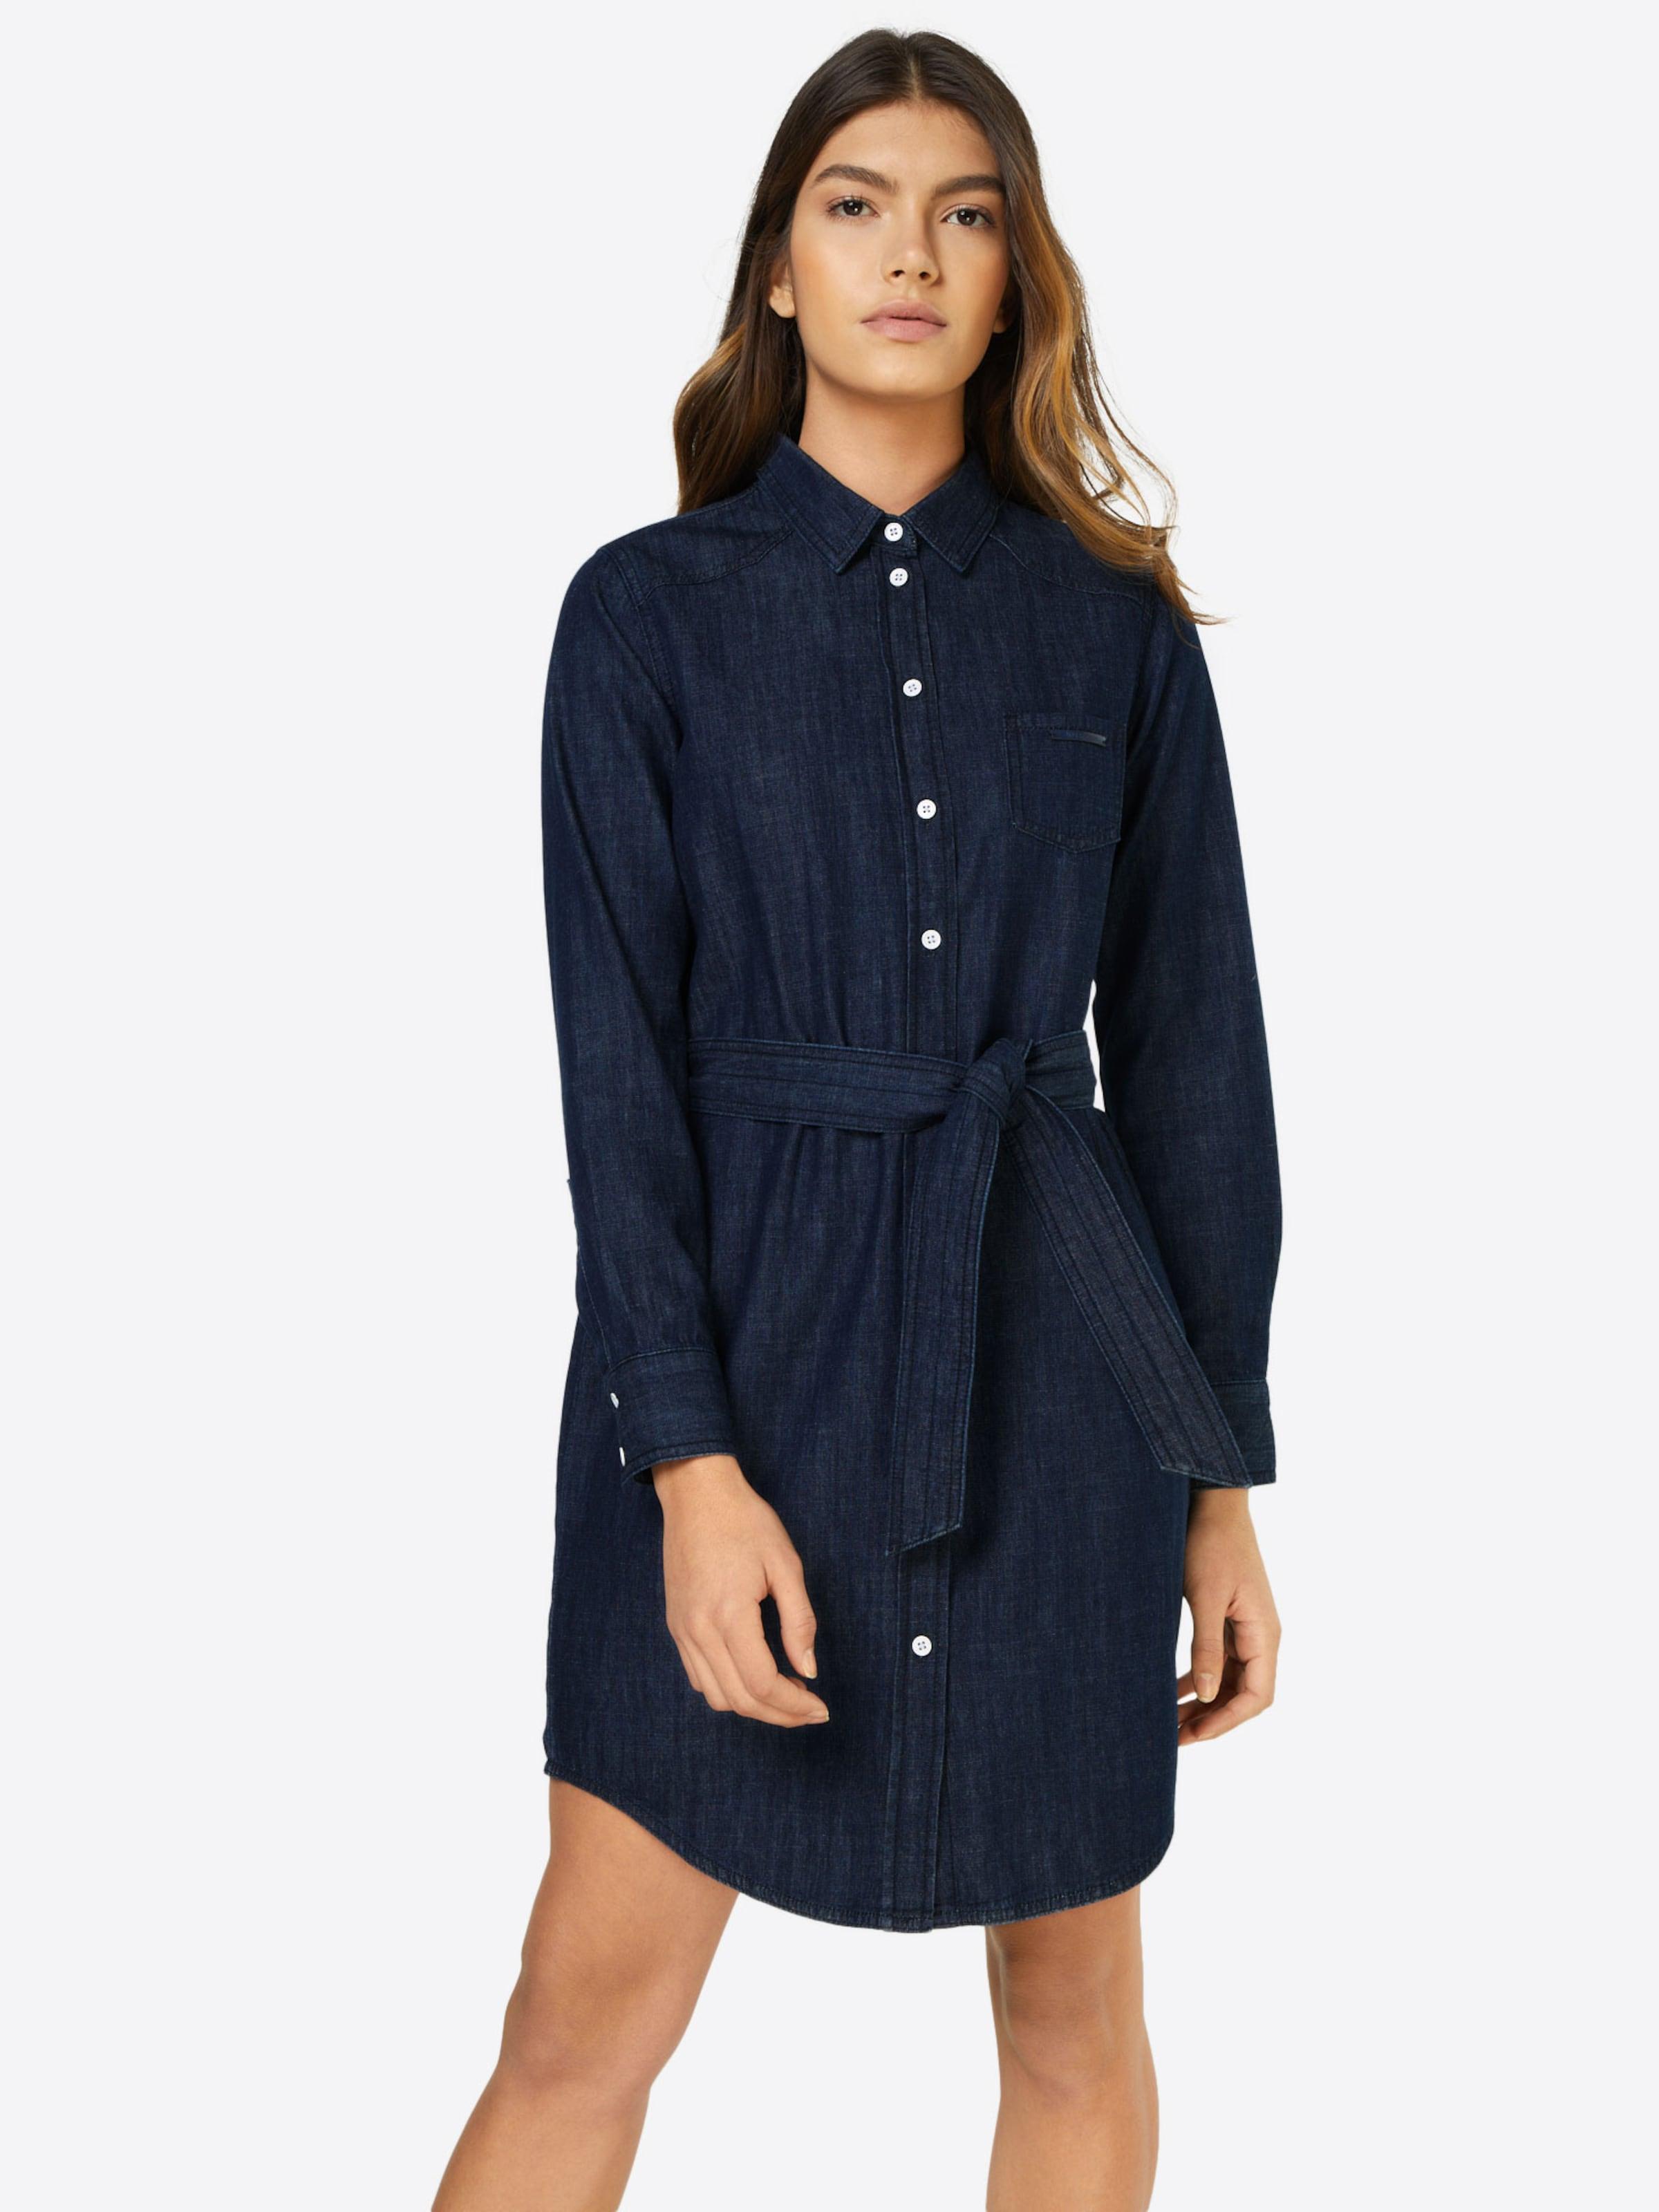 Yong 'esra' Denim De chemise Jacqueline Robe Bleu En 0wOPX8Nkn